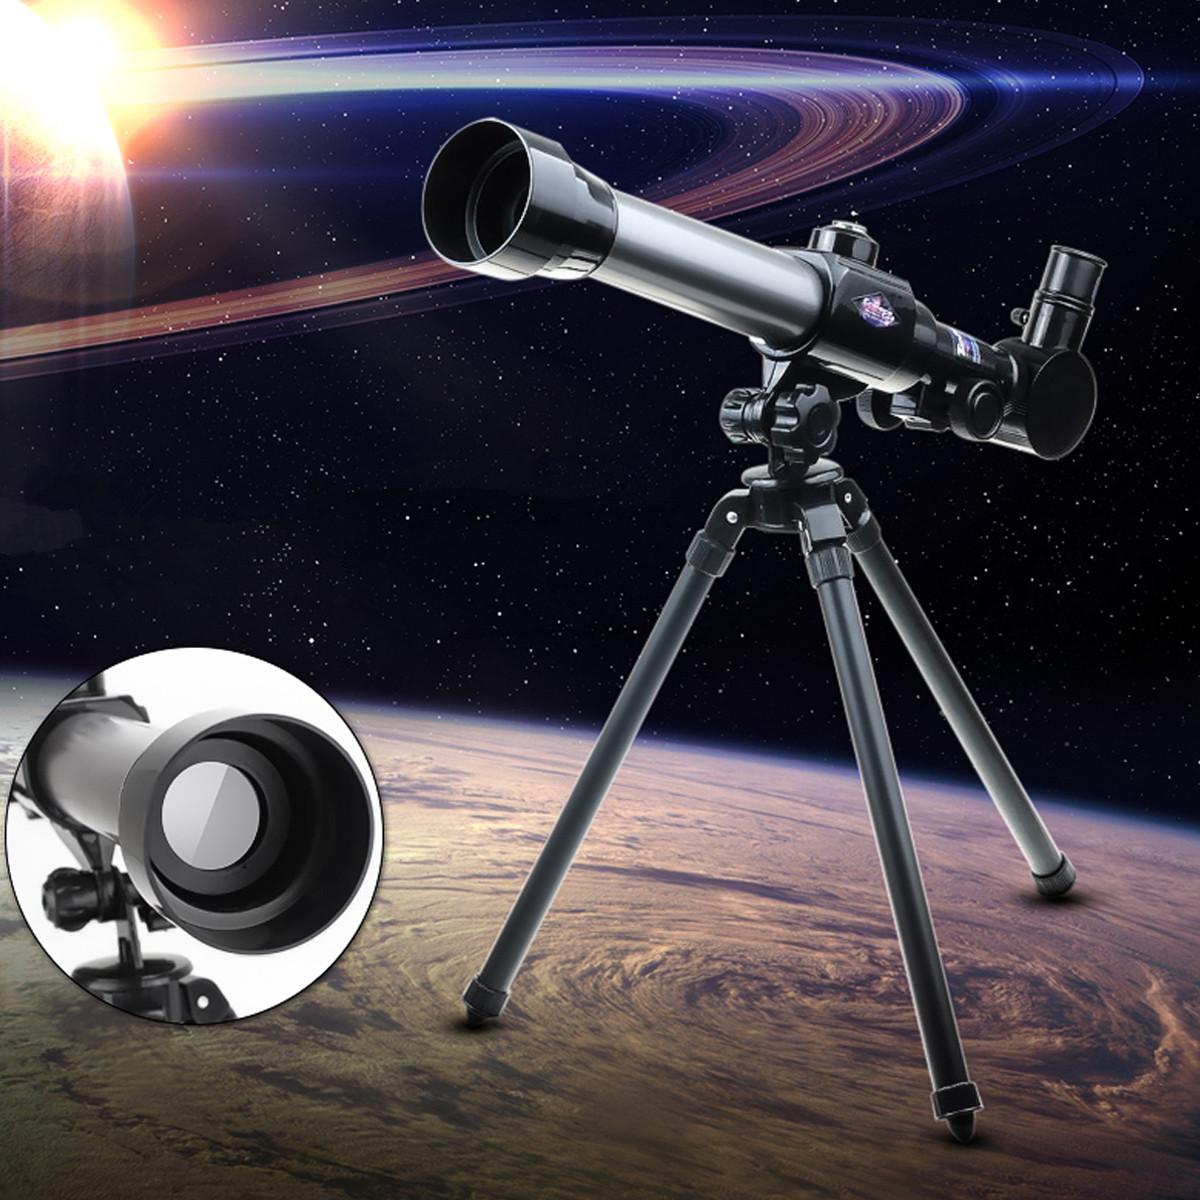 20X-40XHDМоделированиеастрономическоготелескопаДошкольный научно-творческий эксперимент - 1TopShop